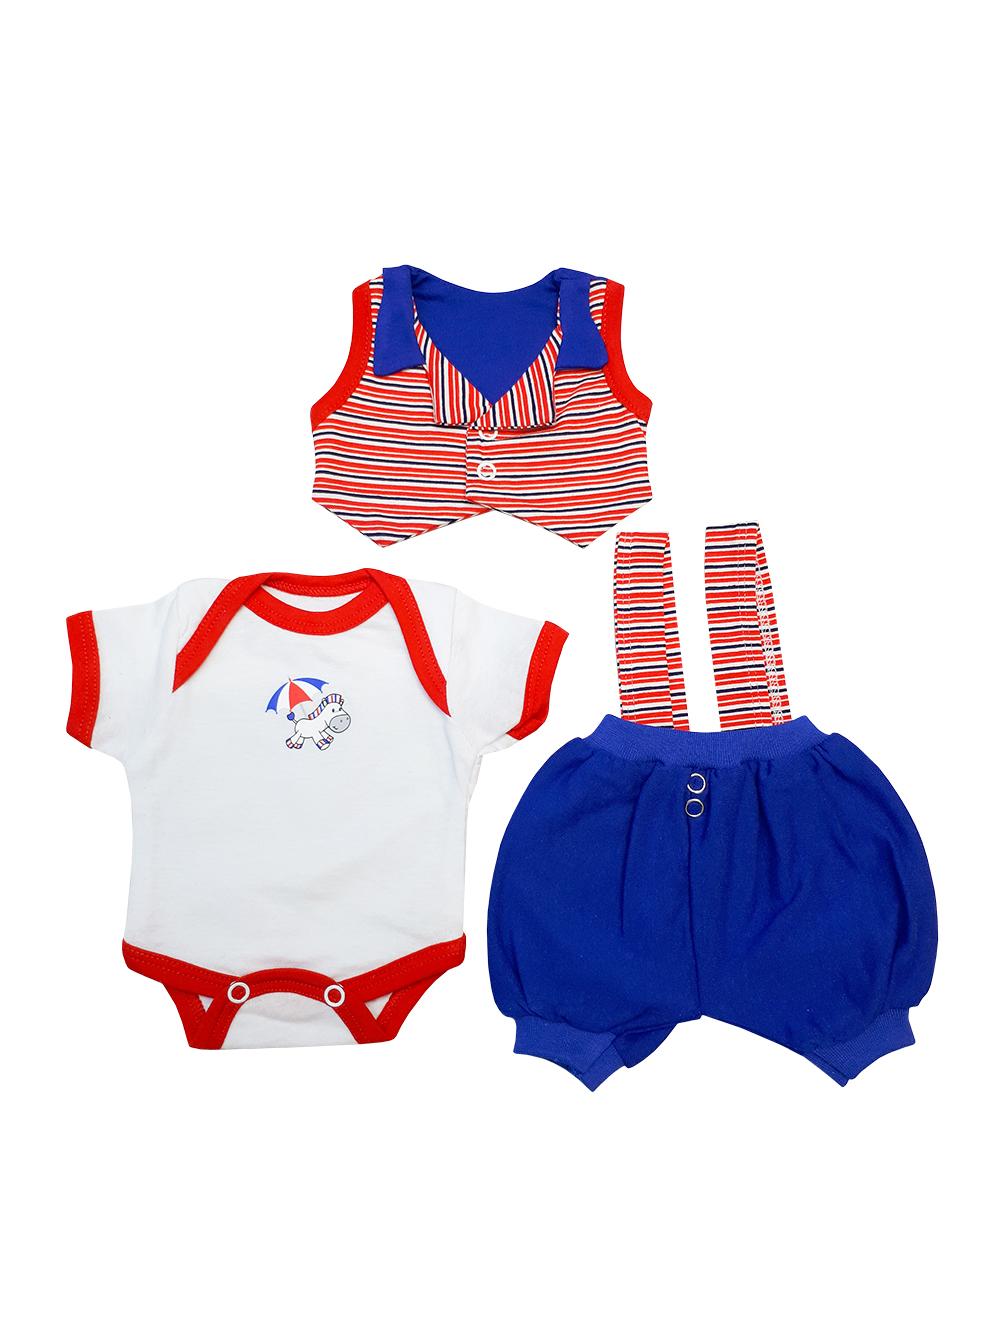 Комплект одежды для куклы Колибри красный, синий 304